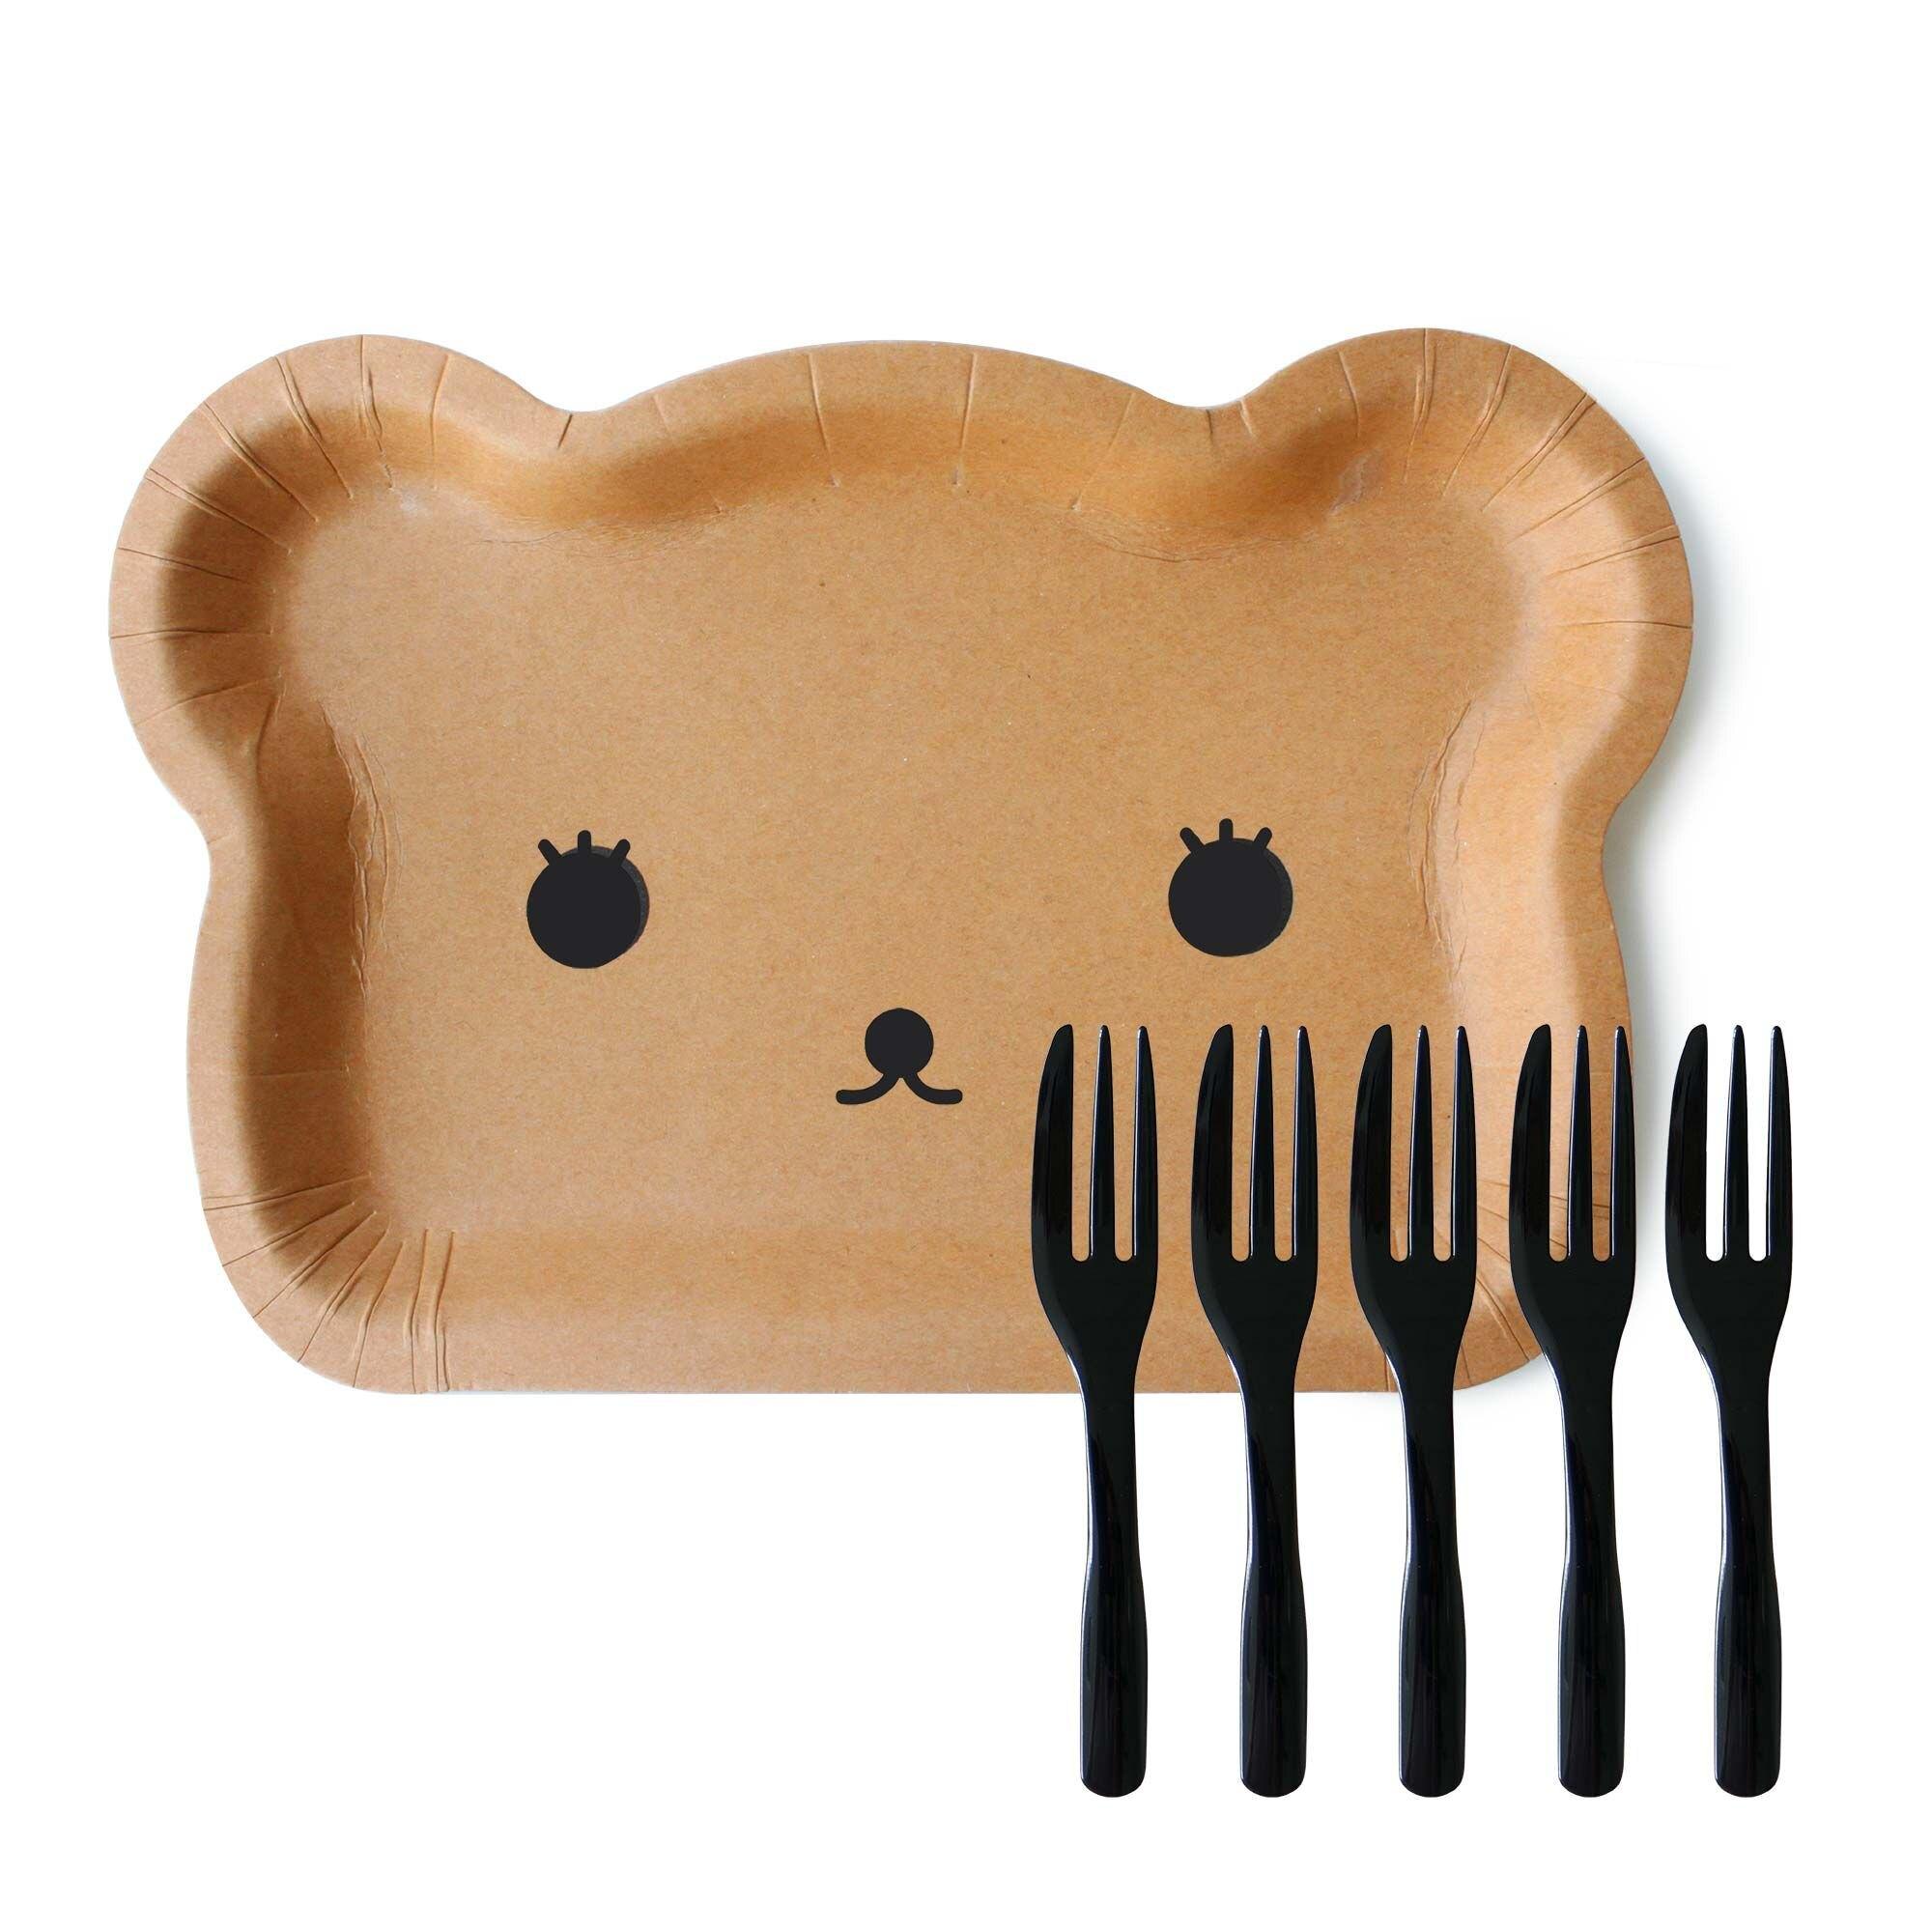 【嚴選SHOP】獨立包裝 小熊蛋糕盤叉組 5叉子5盤子一包 小叉子盤叉組 紙盤 免洗盤 蛋糕紙盤 生日蛋糕【W034】